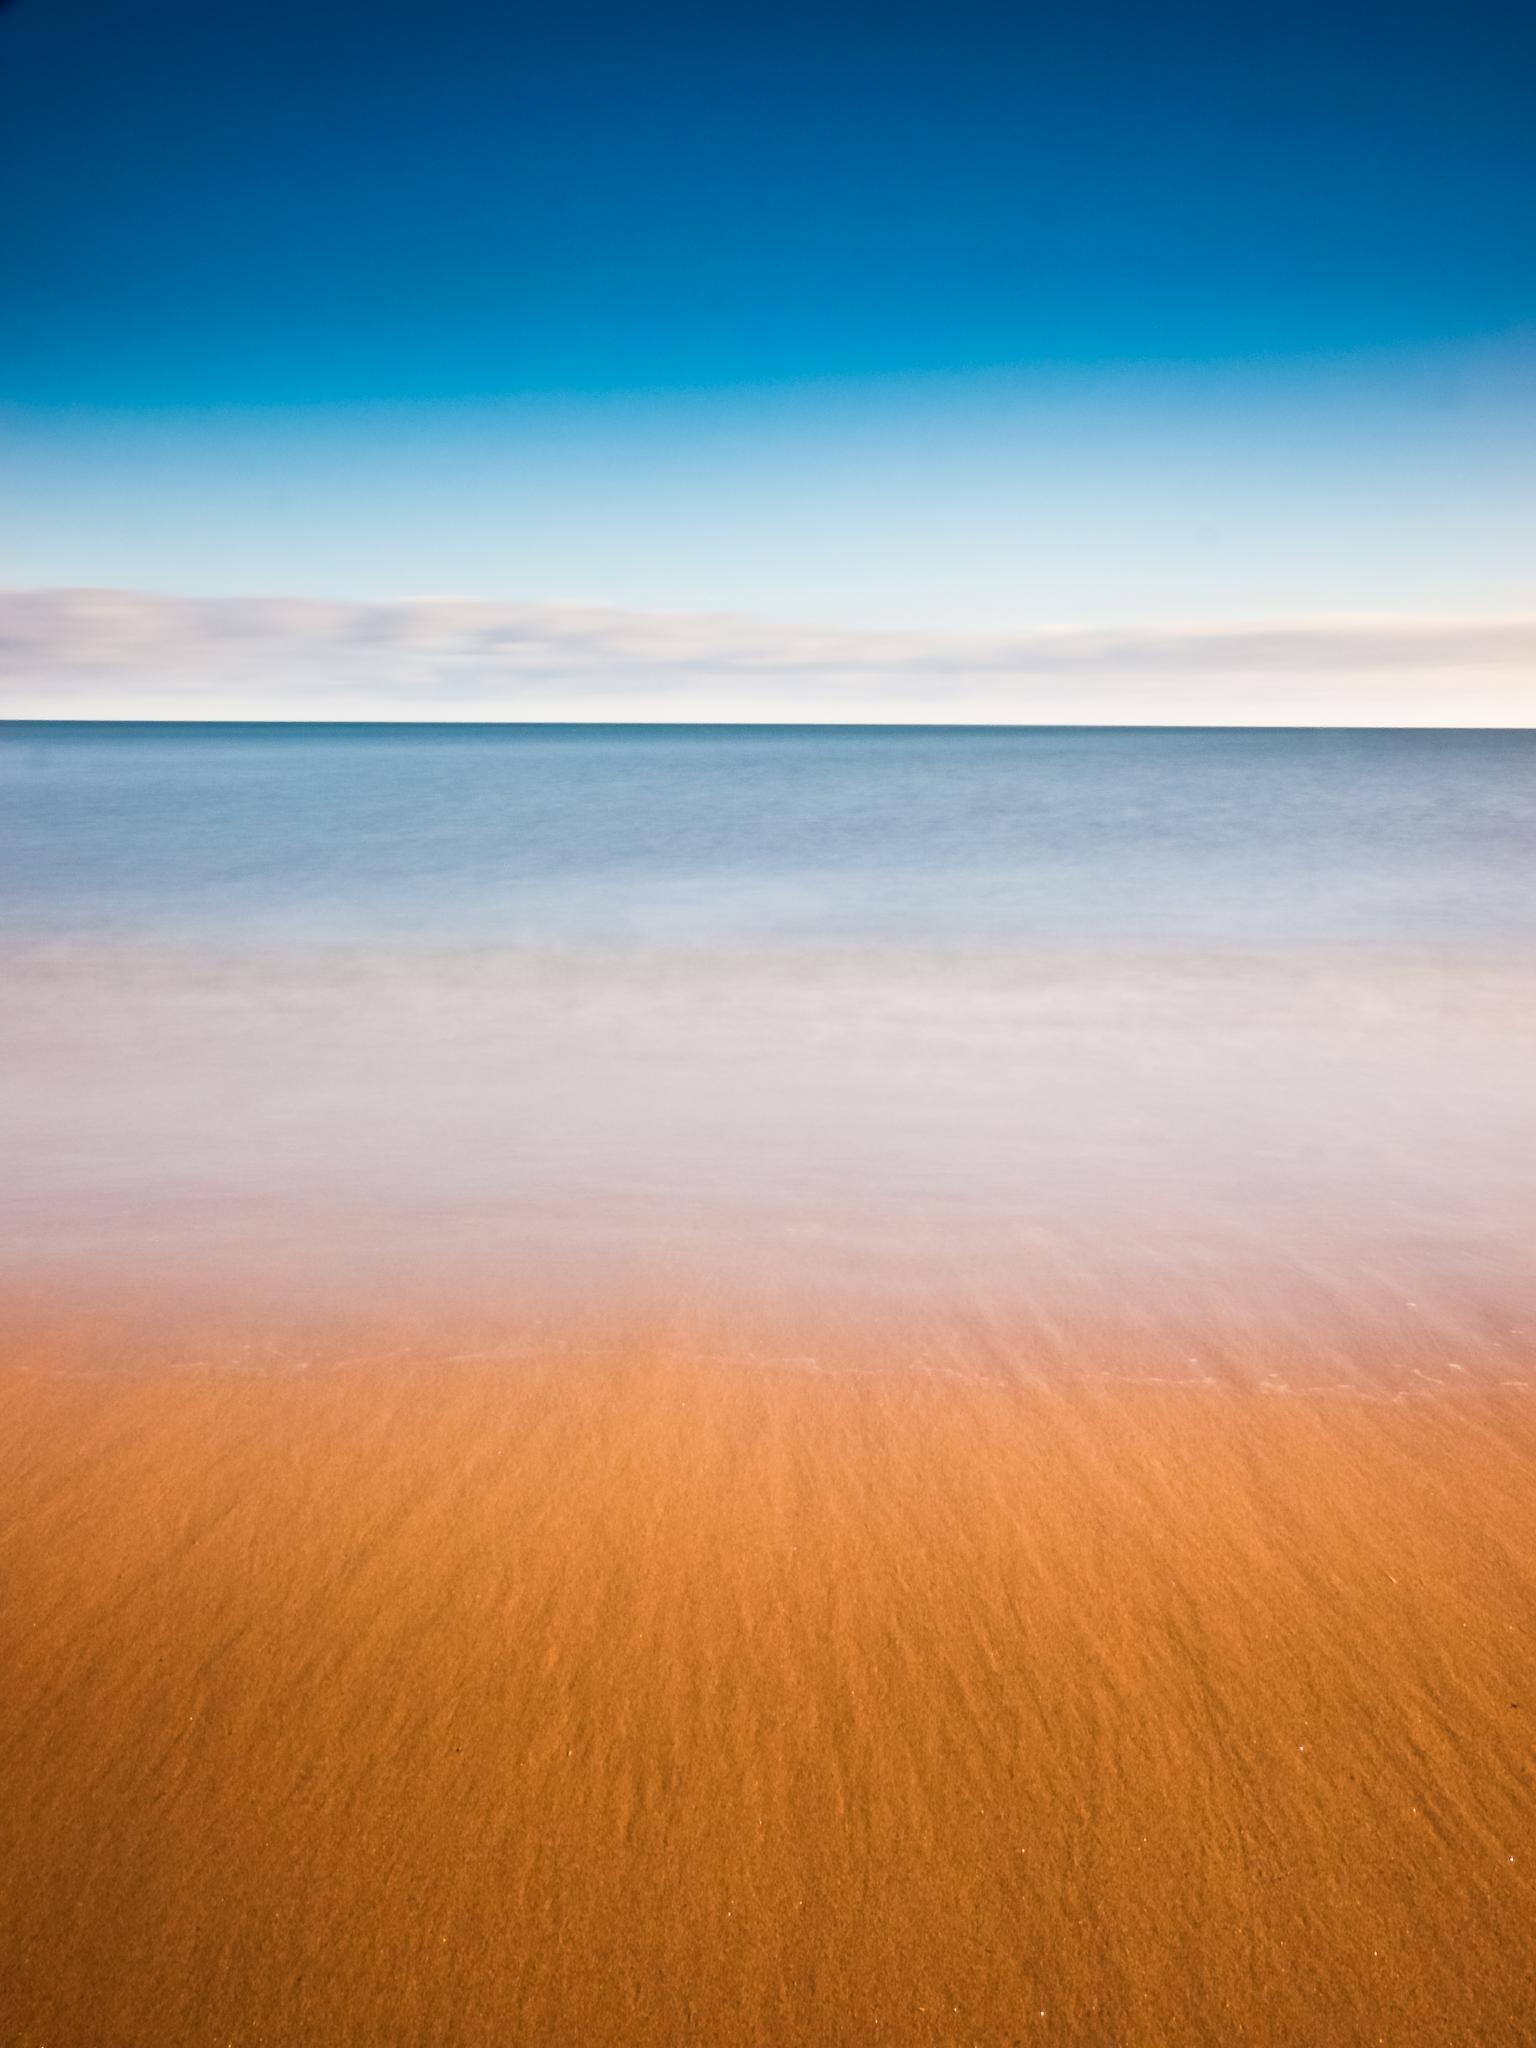 Sea sky sand by Peter Edwardo Vicente.